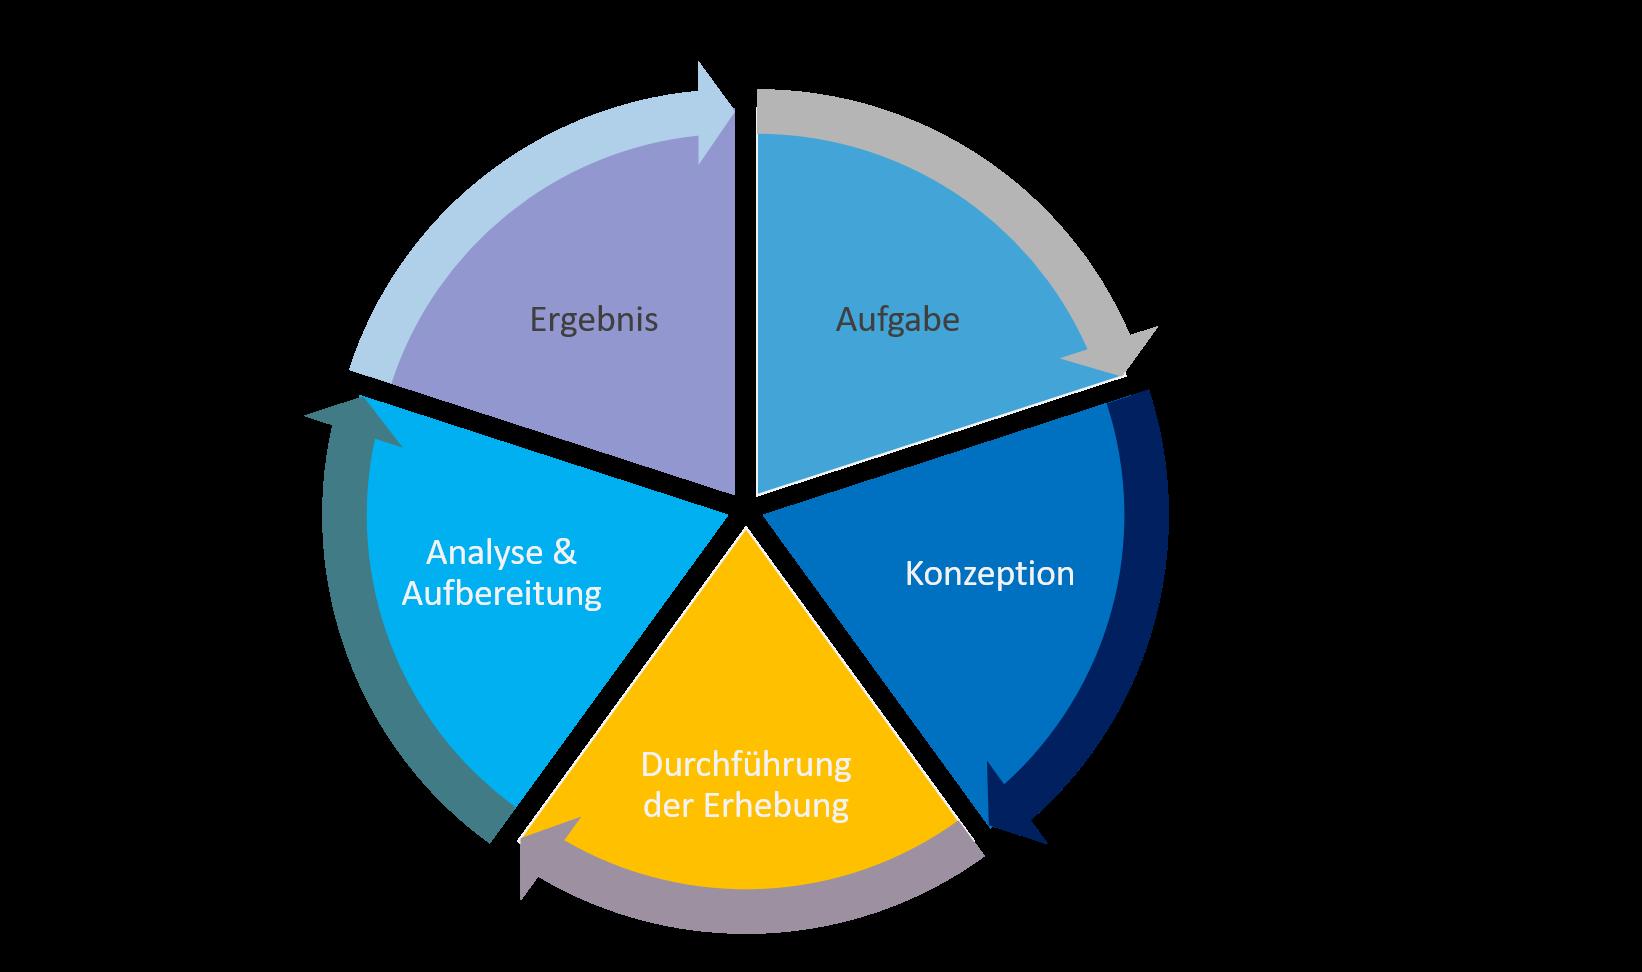 Konzeption, Durchführung und Ergebnisse einer qualitativen Sauberkeitsanalyse in Straßenbahnen und Bussen unter Verwendung des Value Proposition Designs und des Kano Modells